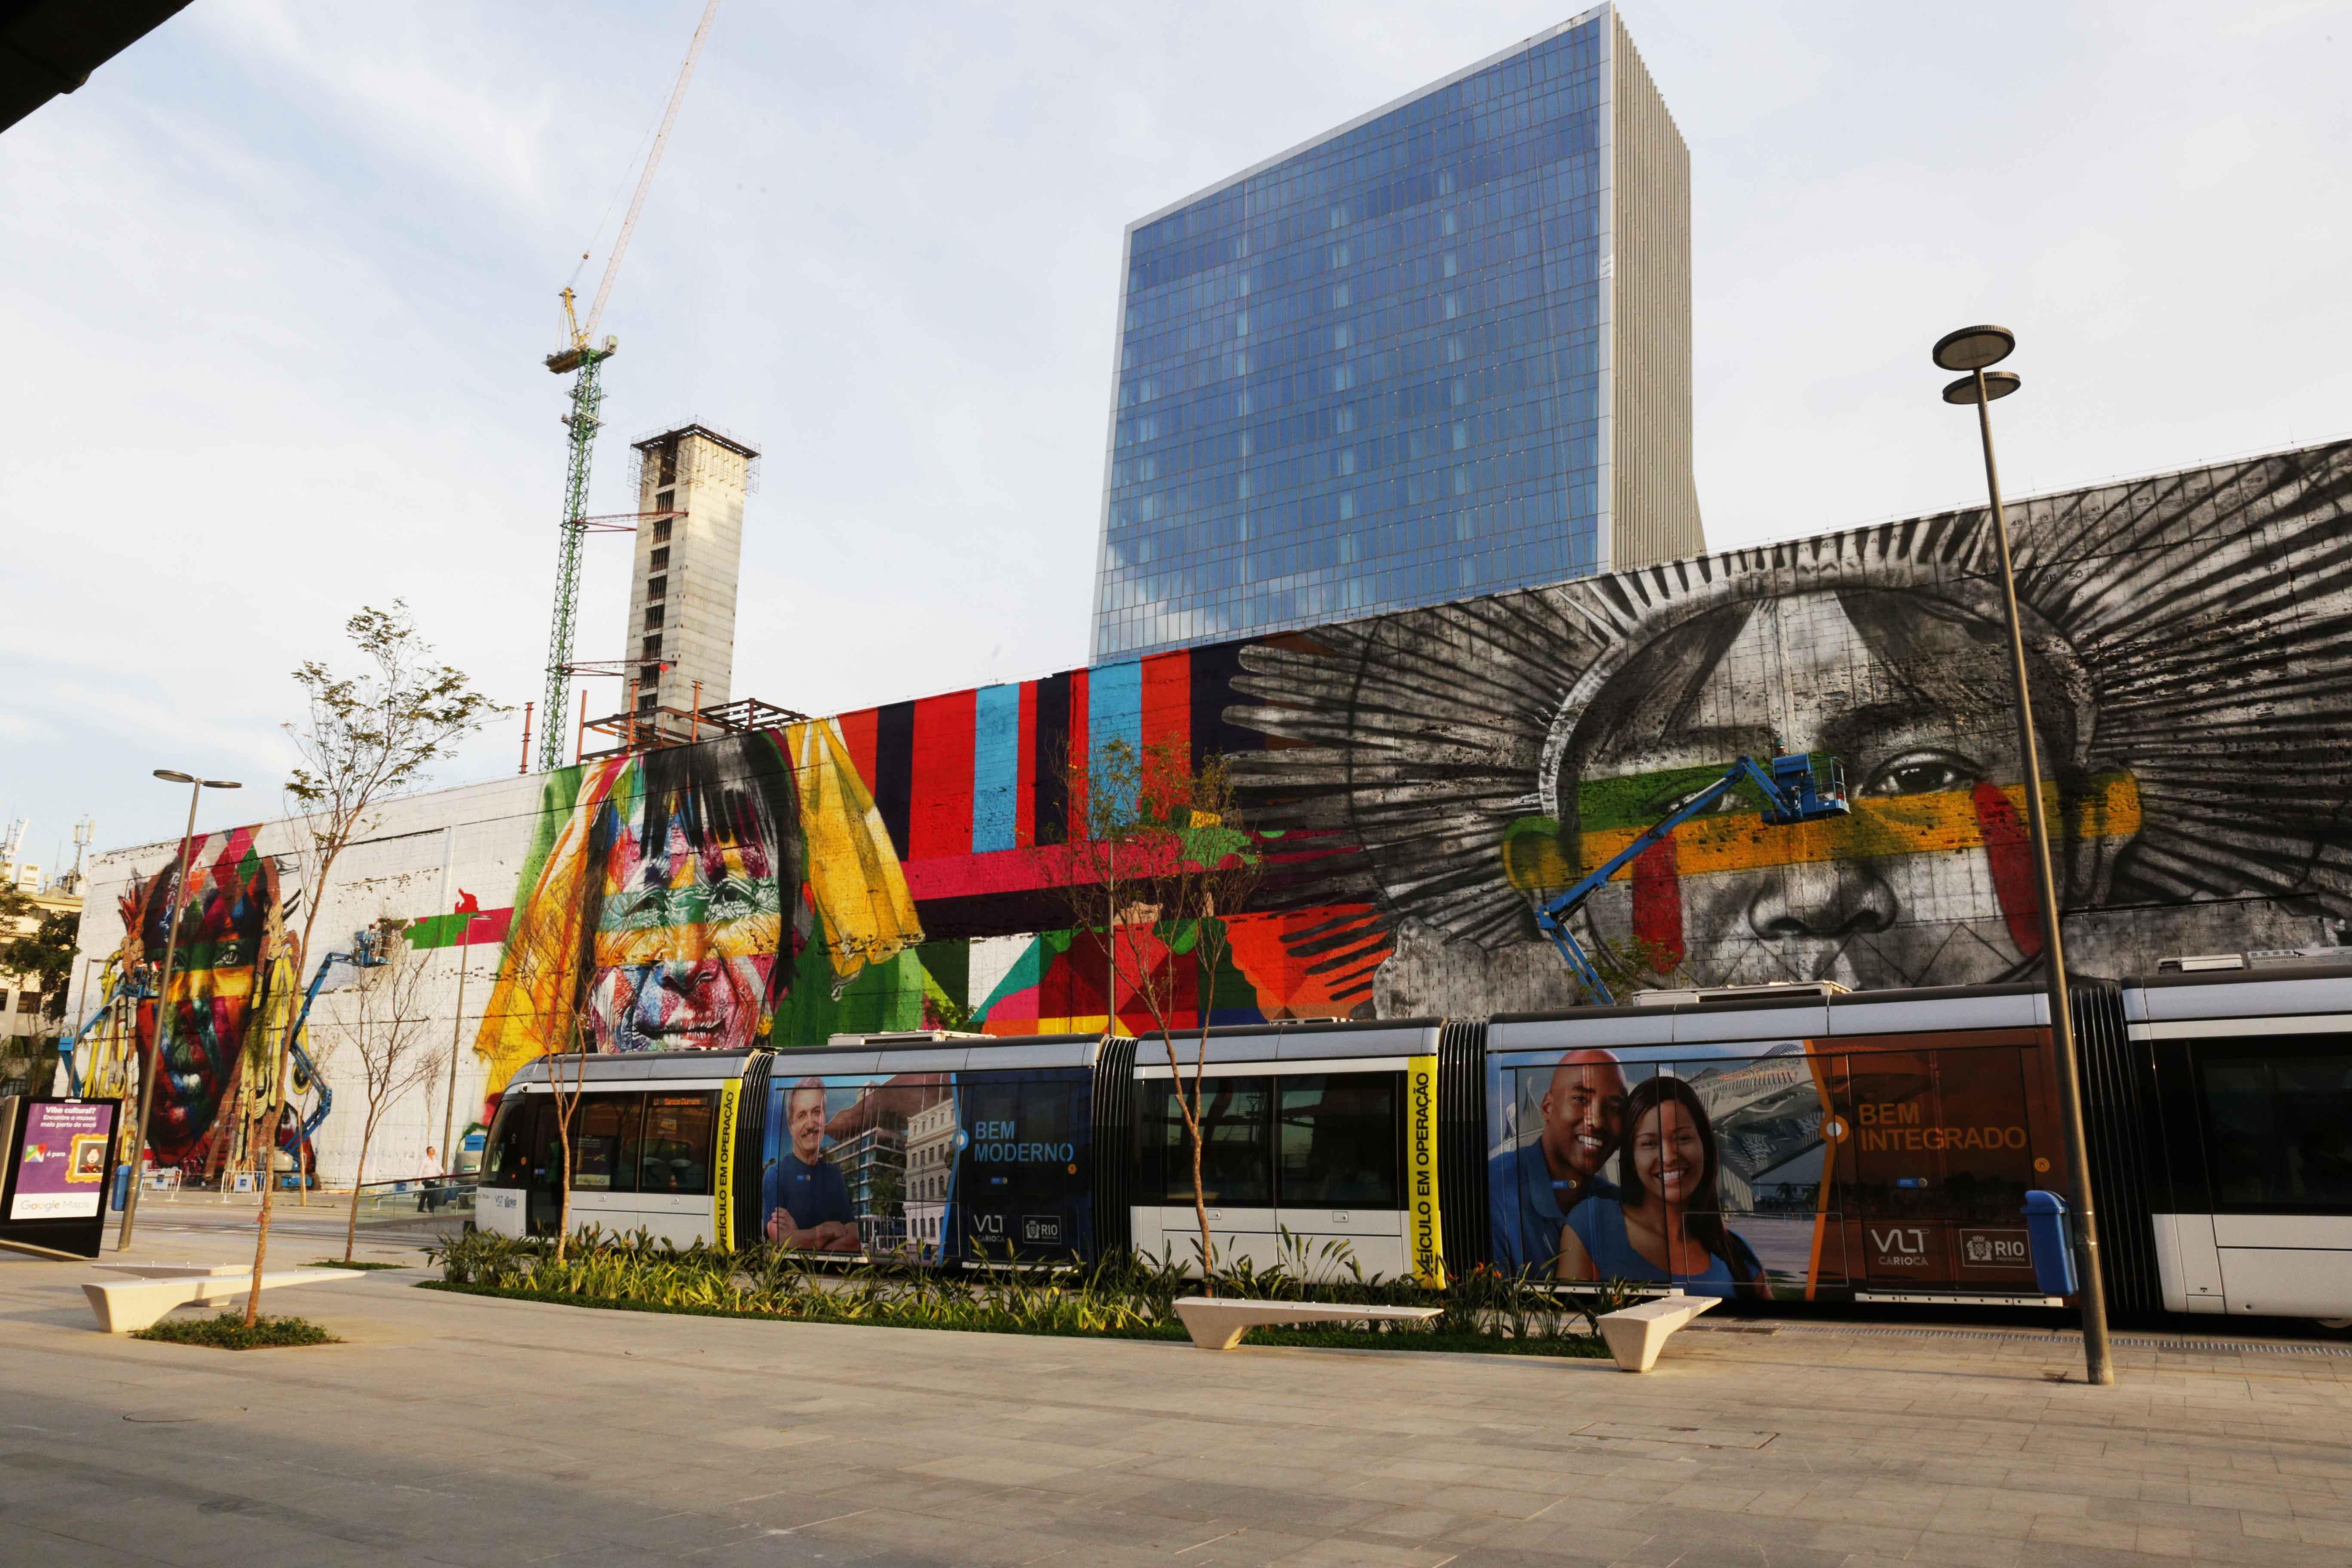 mural eduardo kobra rio de janeiro las etnias olimpiadas 2016 maior graffiti do mundo (10)